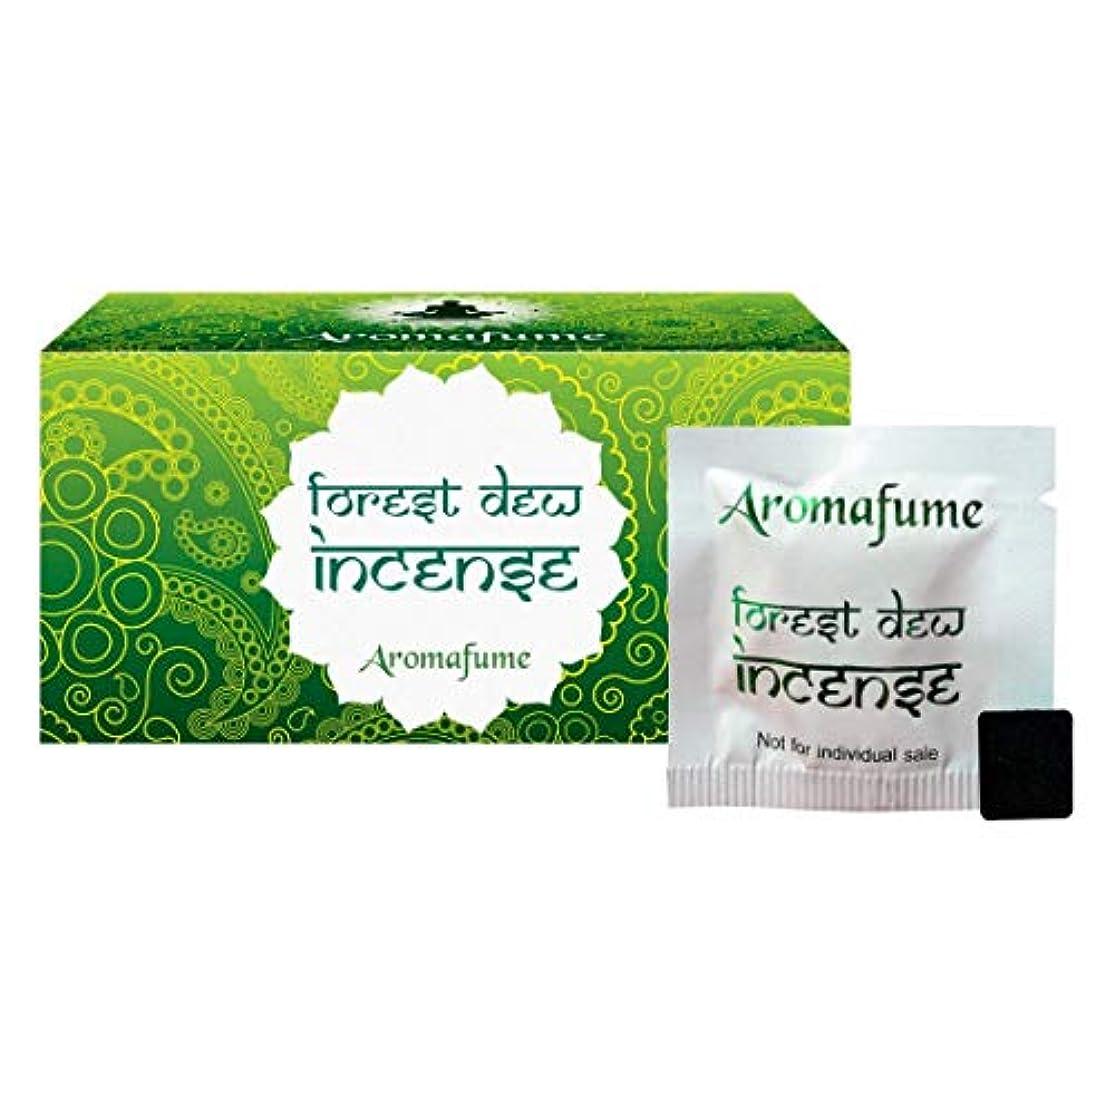 深遠慈悲深い白いAromafume Forest Dew Incense Bricks (Medium)